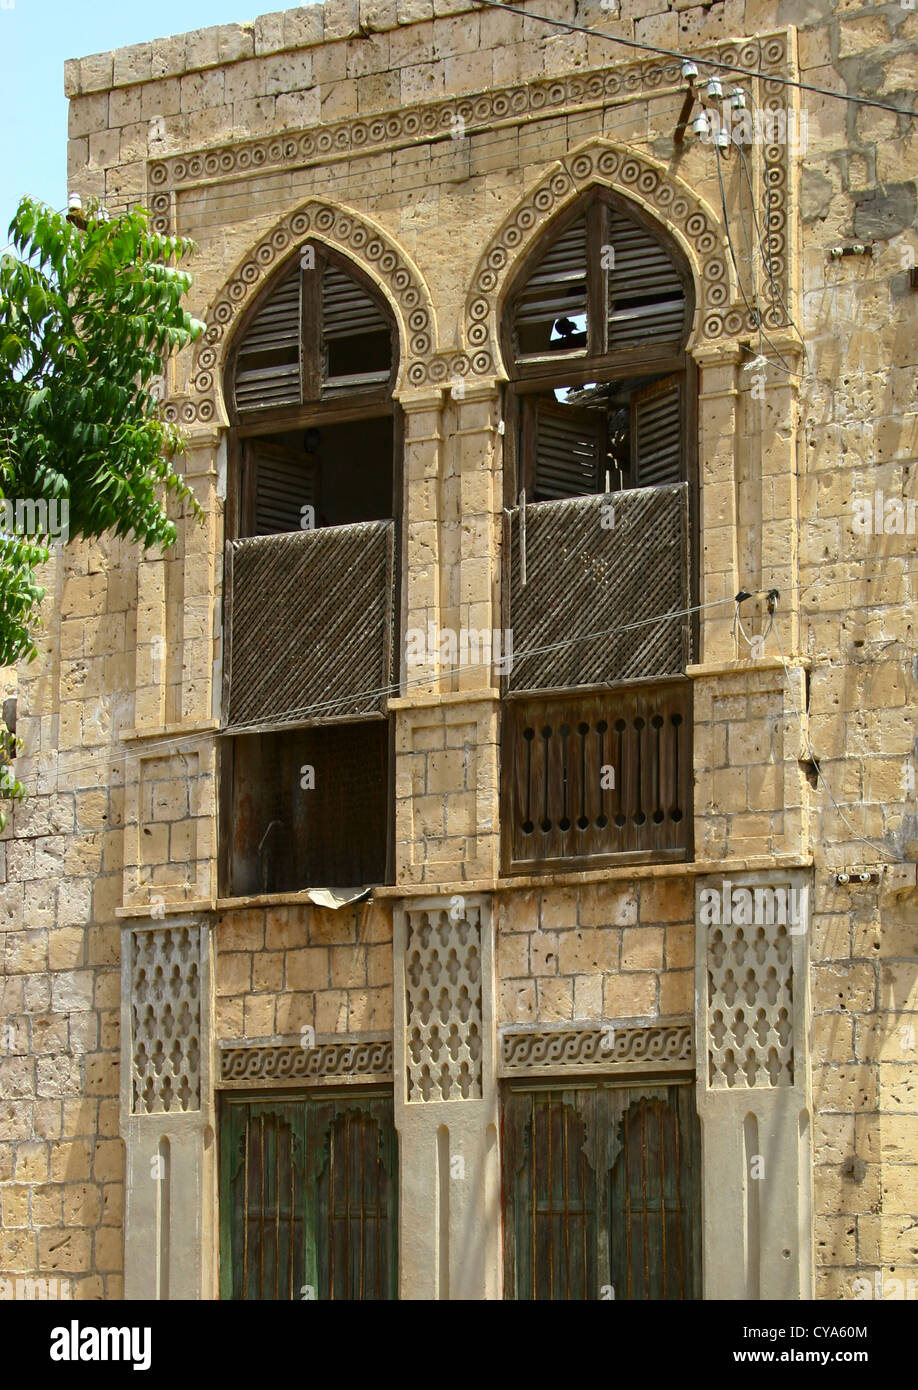 Bâtiment Ottoman à Massawa, l'Érythrée Banque D'Images